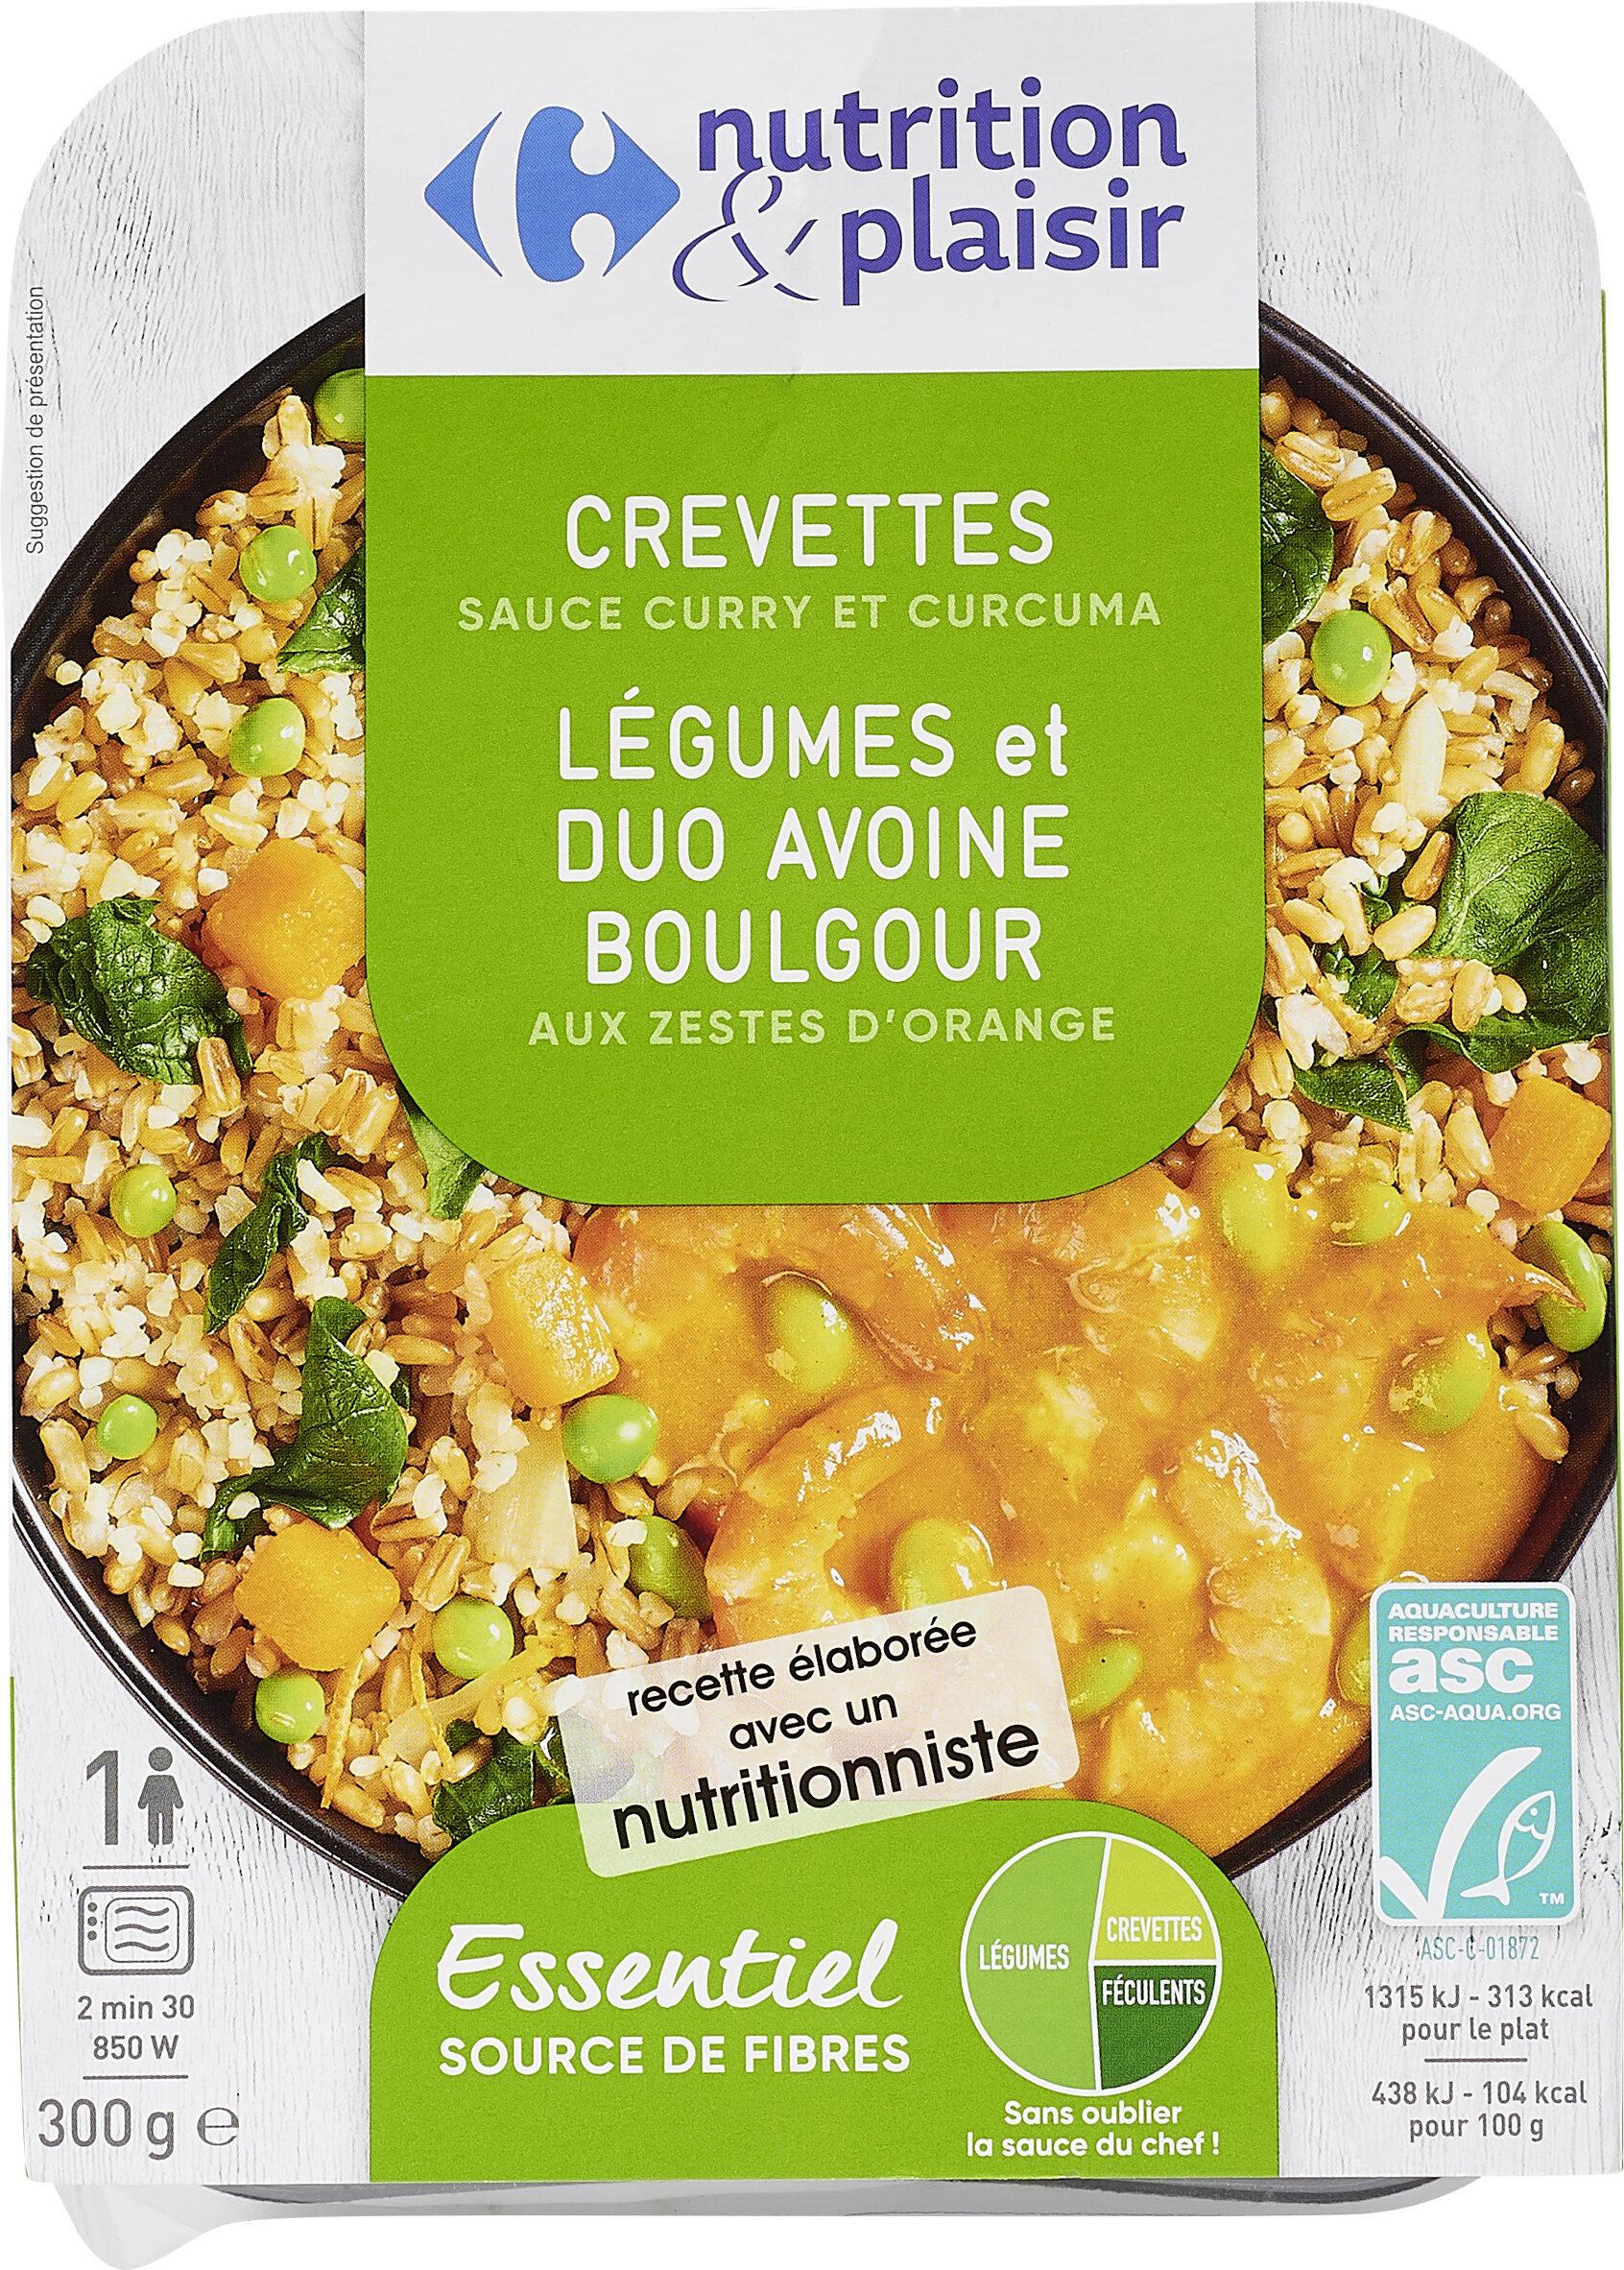 Crevettes Légumes et duo Avoine Boulgour - Product - fr